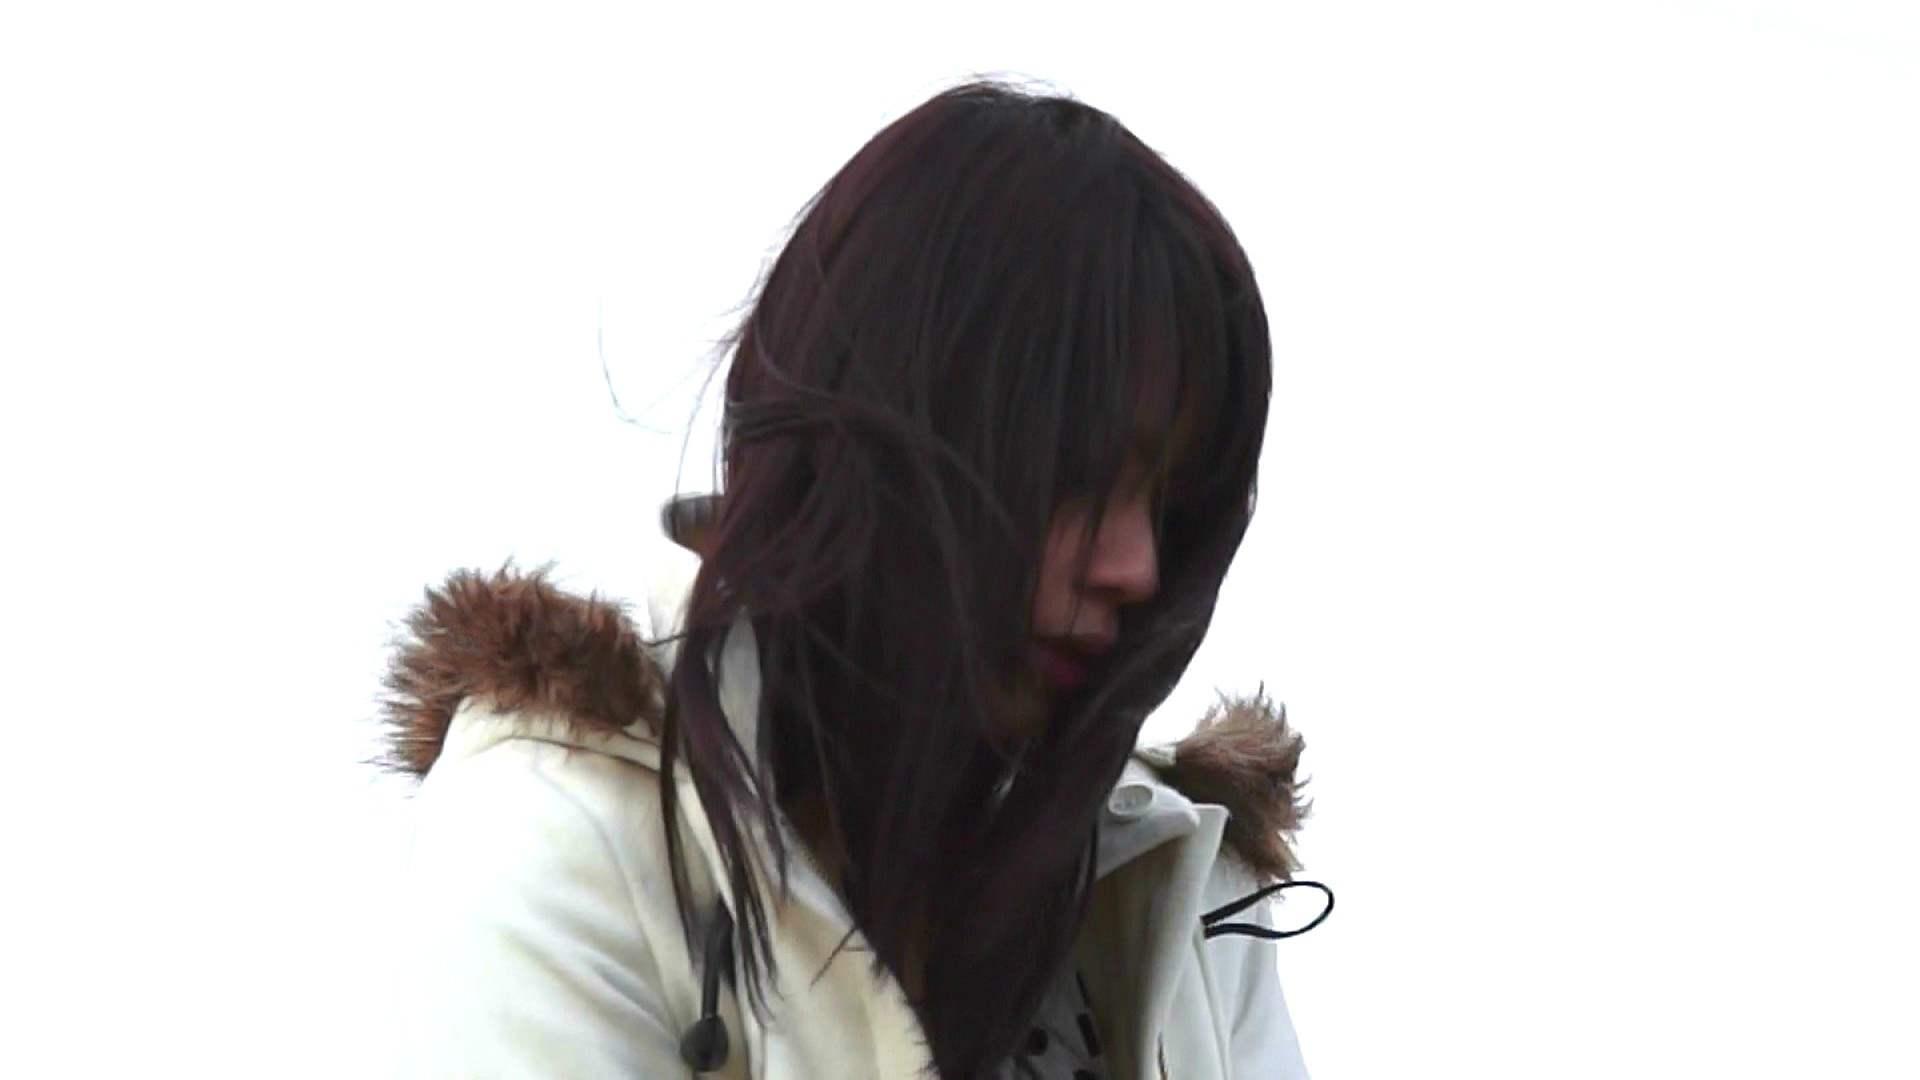 vol.2 自宅近く思い出の地で黄昏る志穂さん お姉さん攻略  83画像 69